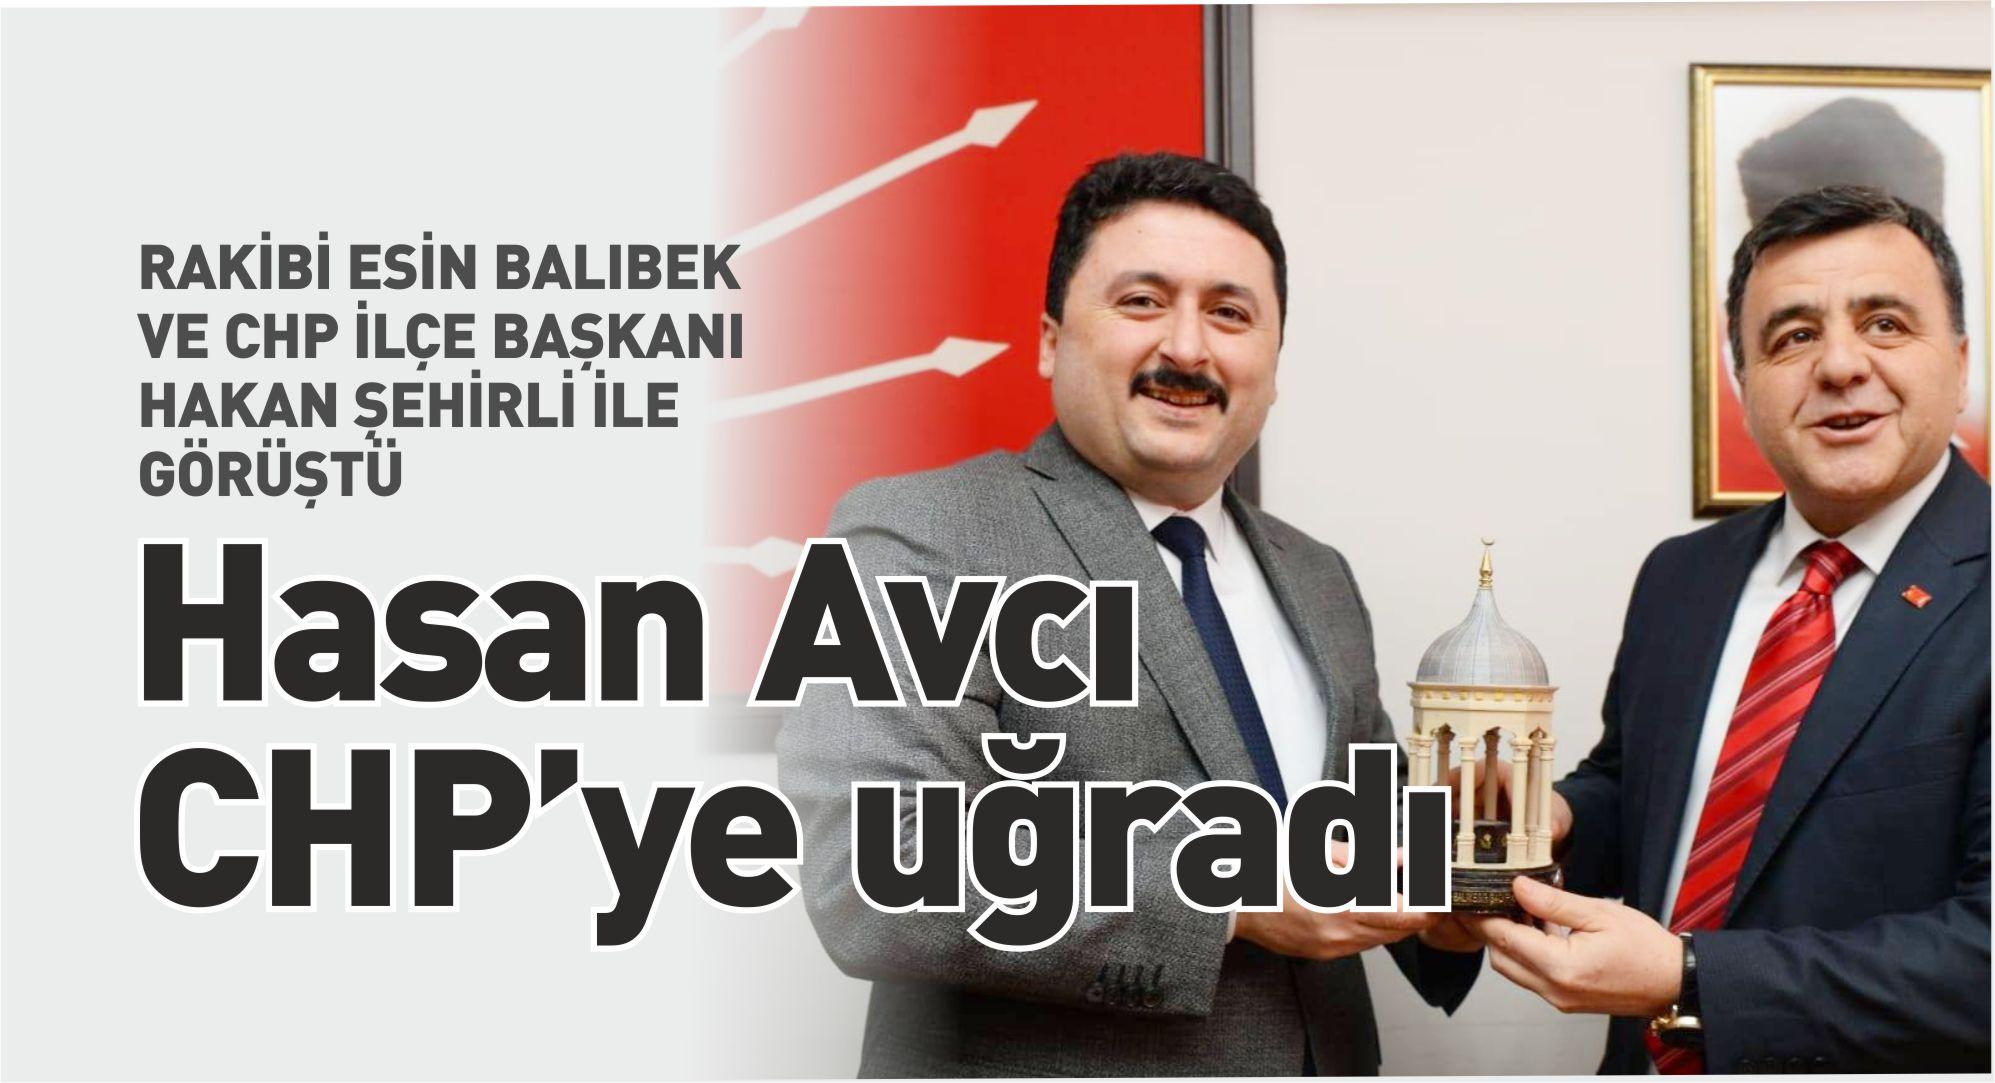 AK PARTİLİ HASAN AVCI'DAN CHP'YE SÜRPRİZ ZİYARET